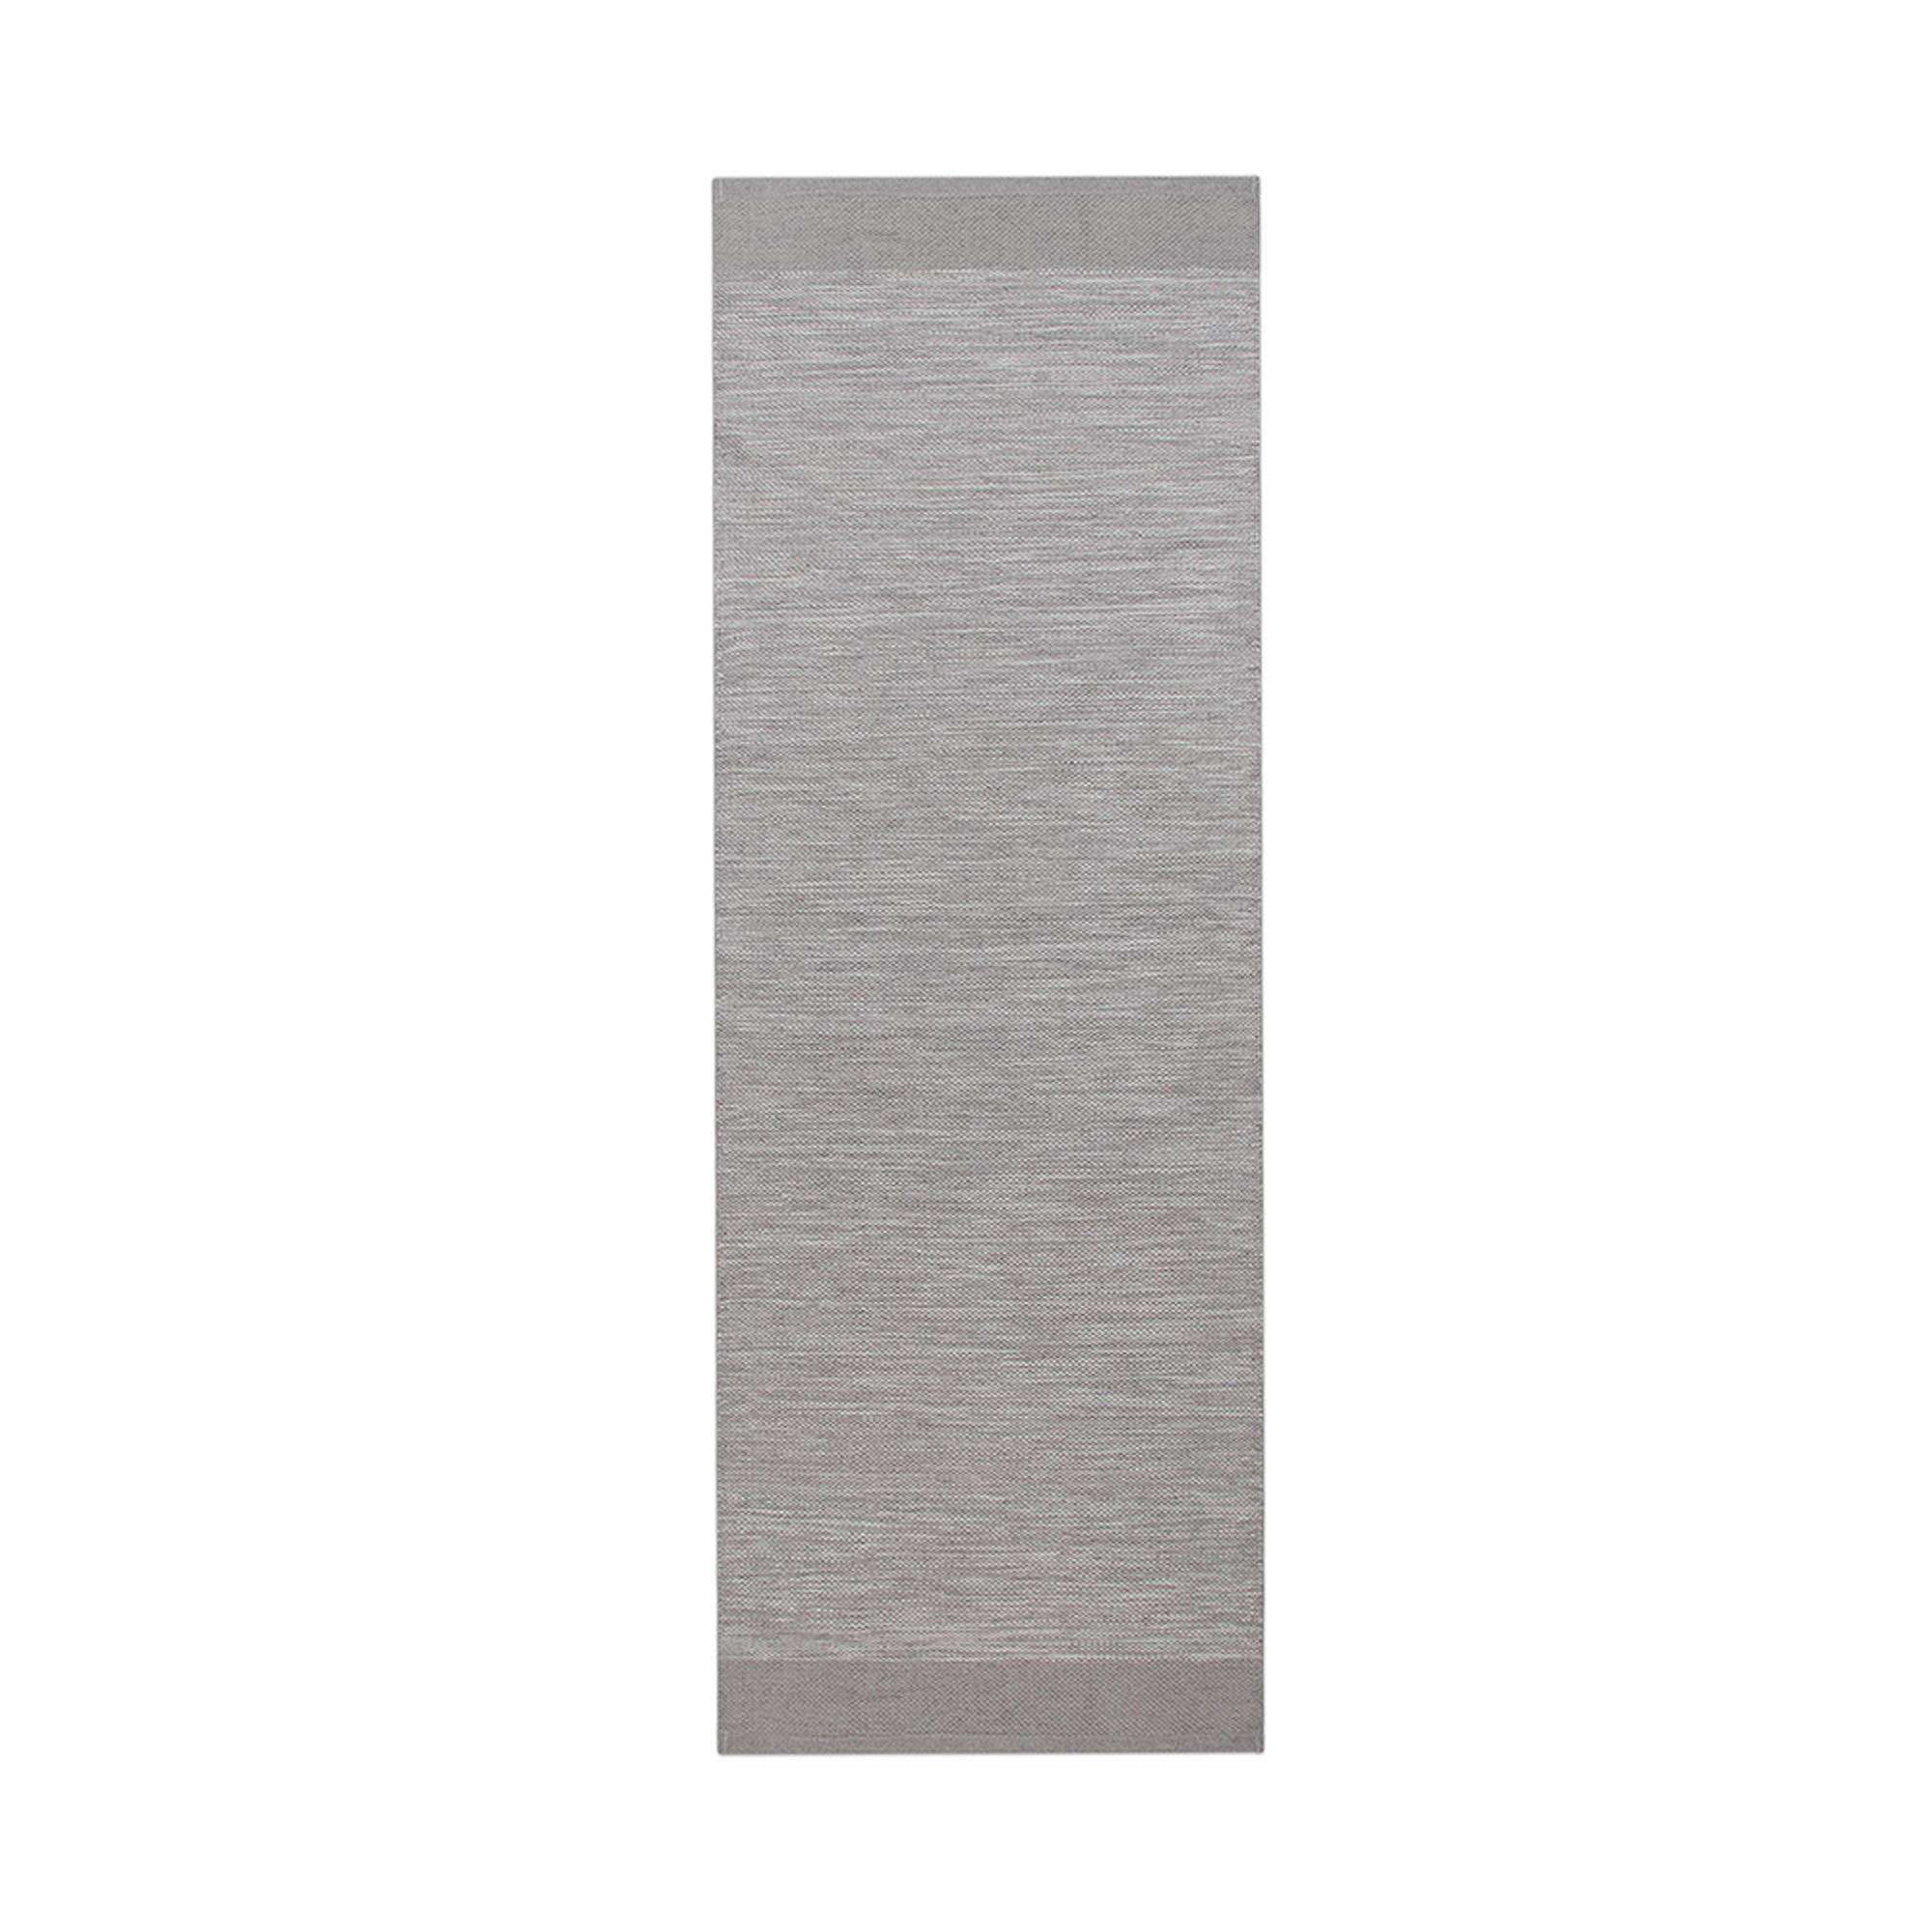 Formgatan Matta Melange 70x200 grå